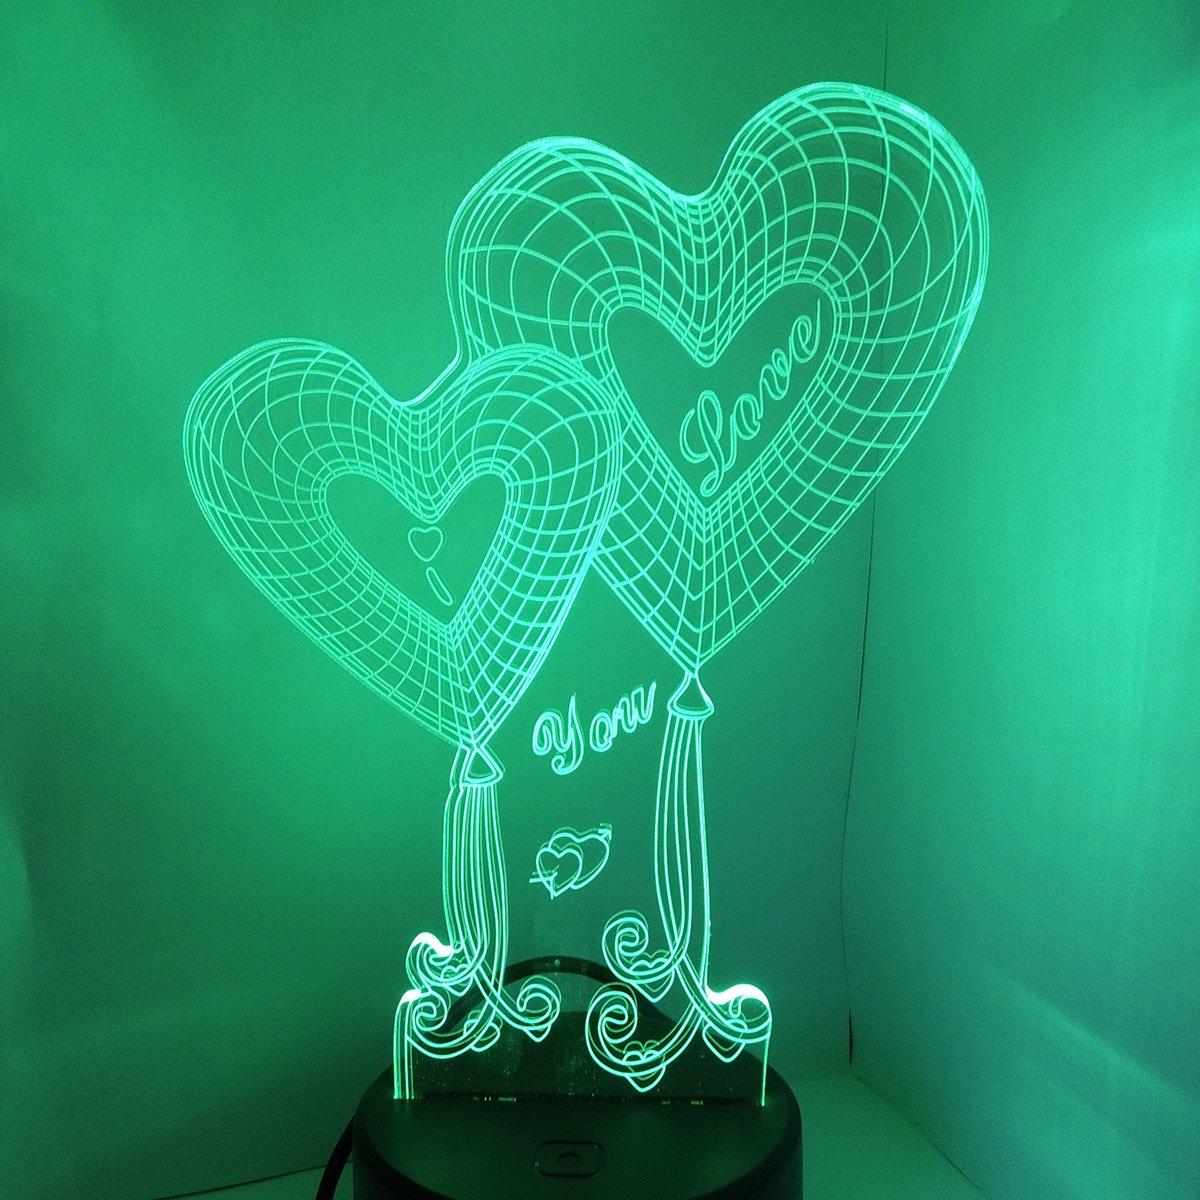 Love Heart Shapes 7 colori che cambiano Touch Switch USB Lampada da tavolo per regali di anniversario Valentines Day lover Gift Dual Heart LEDMOMO 3D Illusion LED Night Light